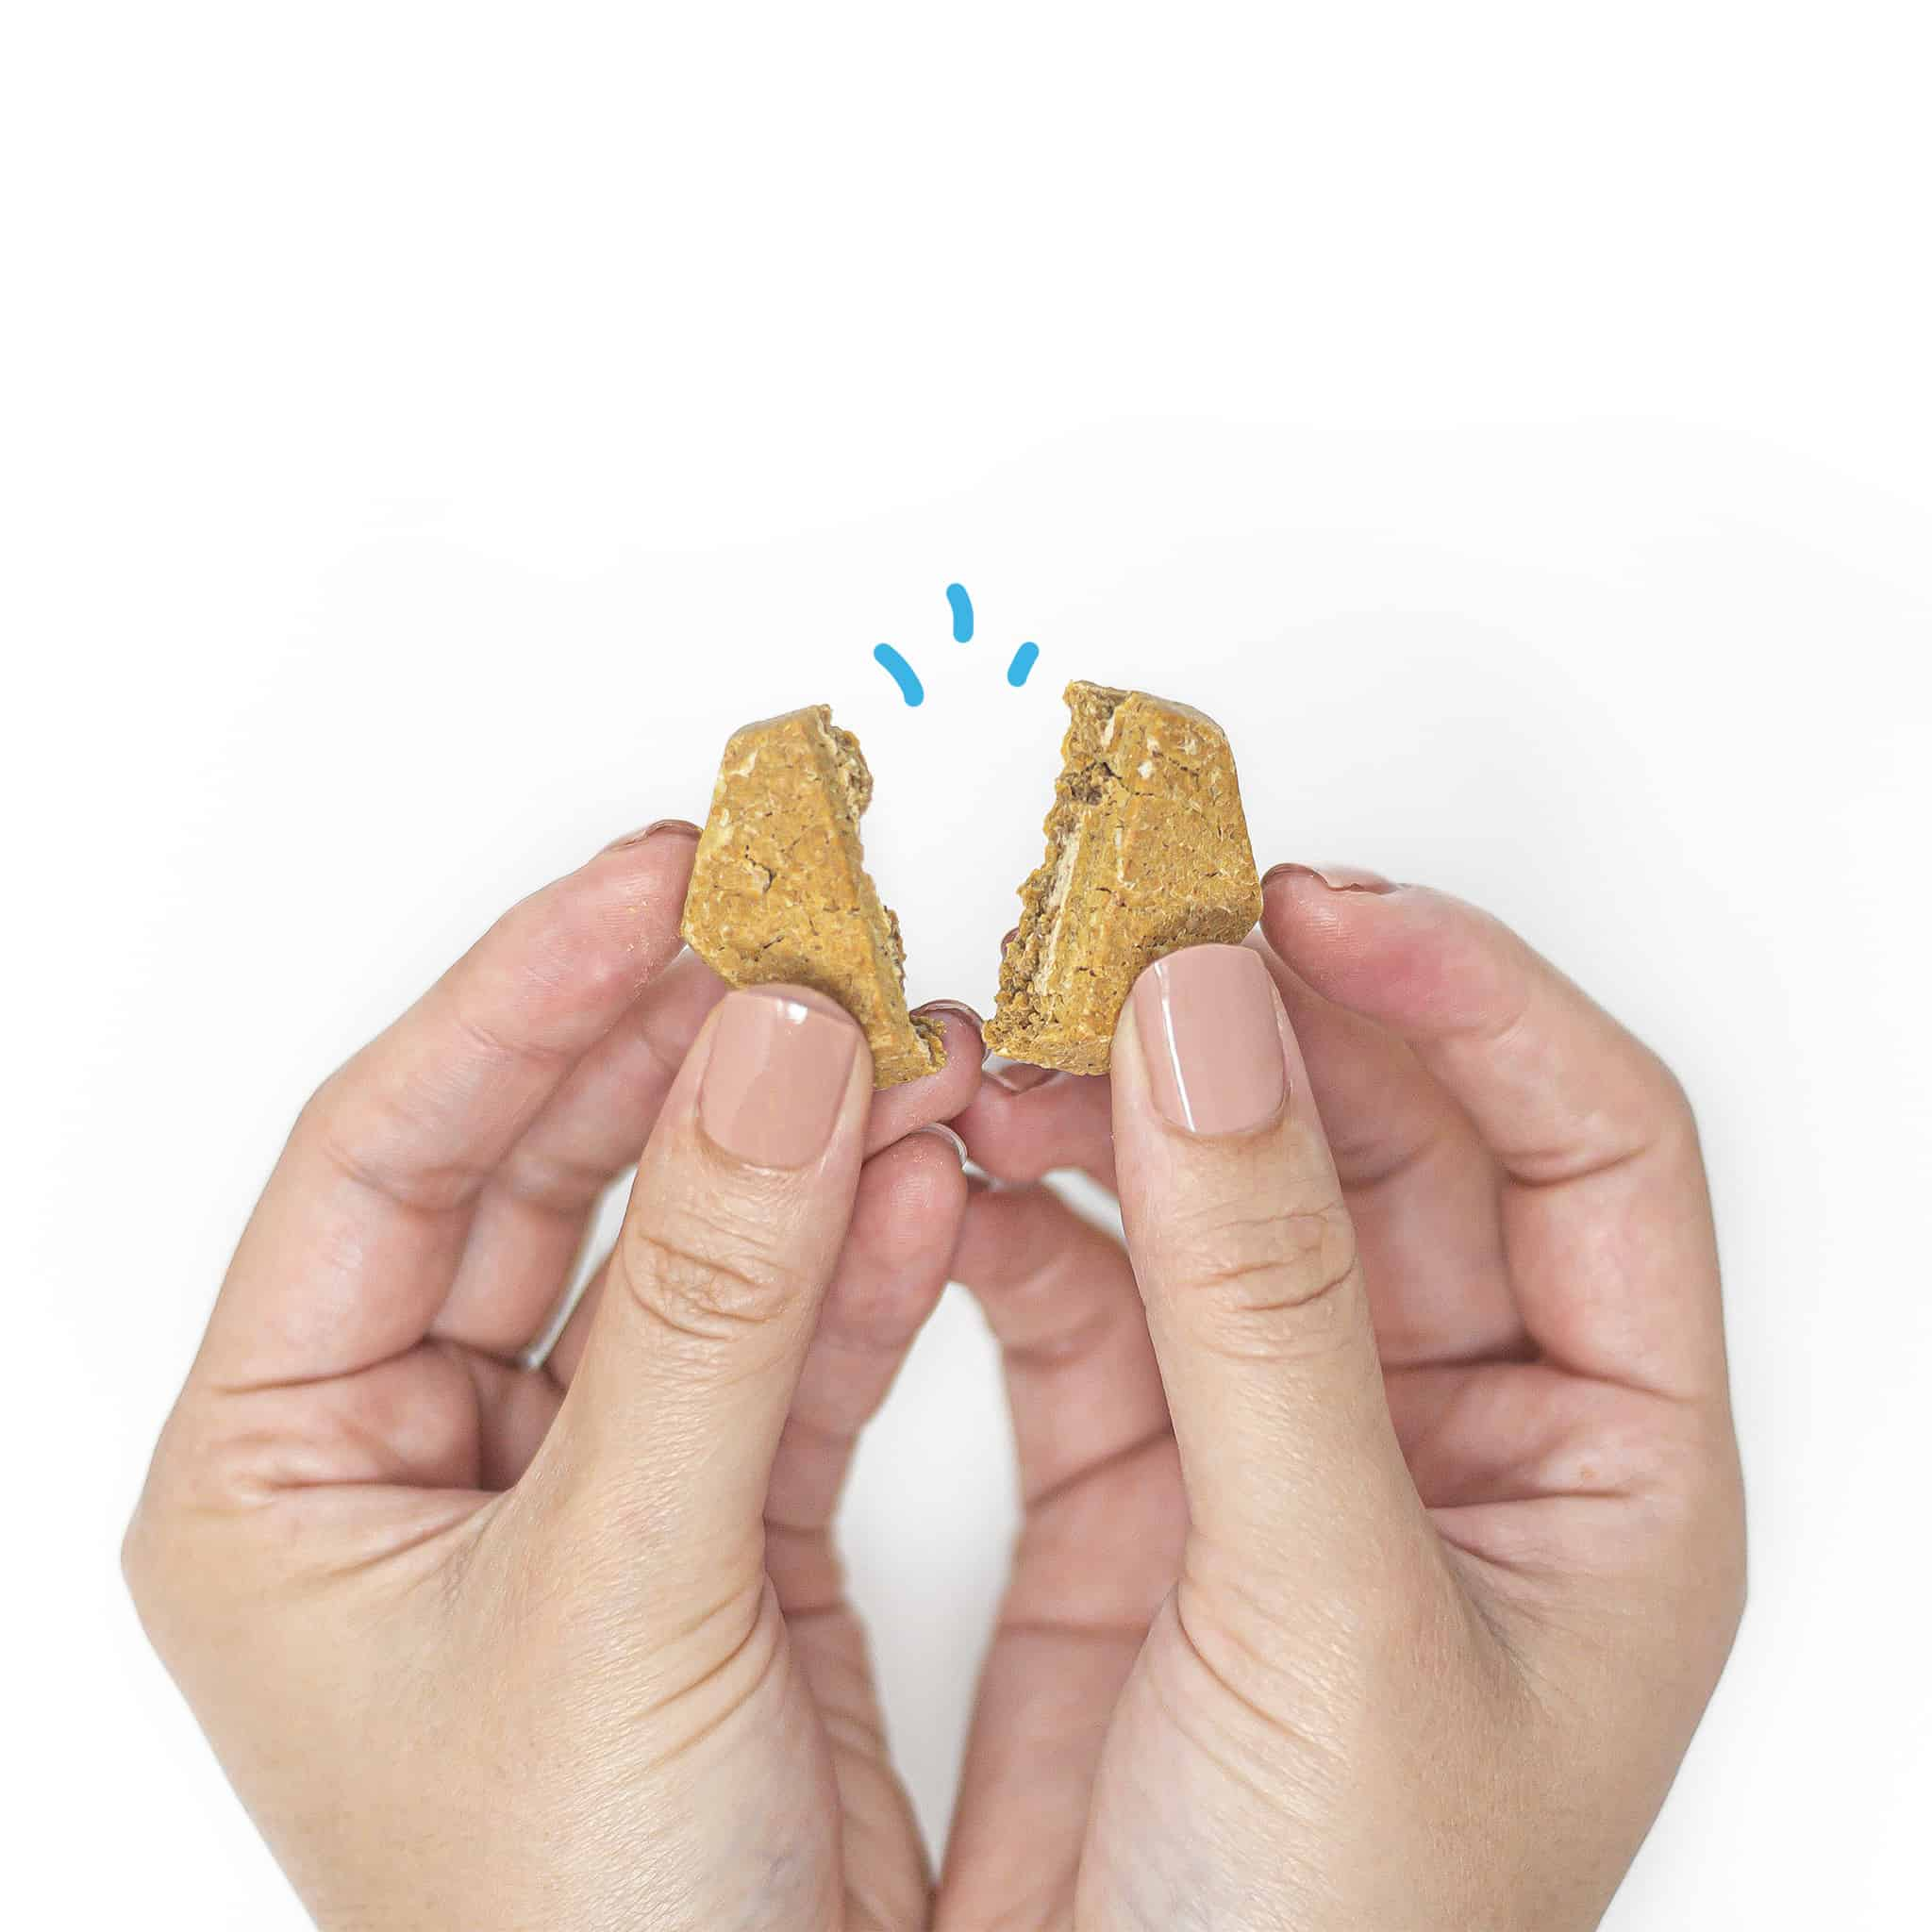 HonestPaws -Calming Bites - Cracked In Half